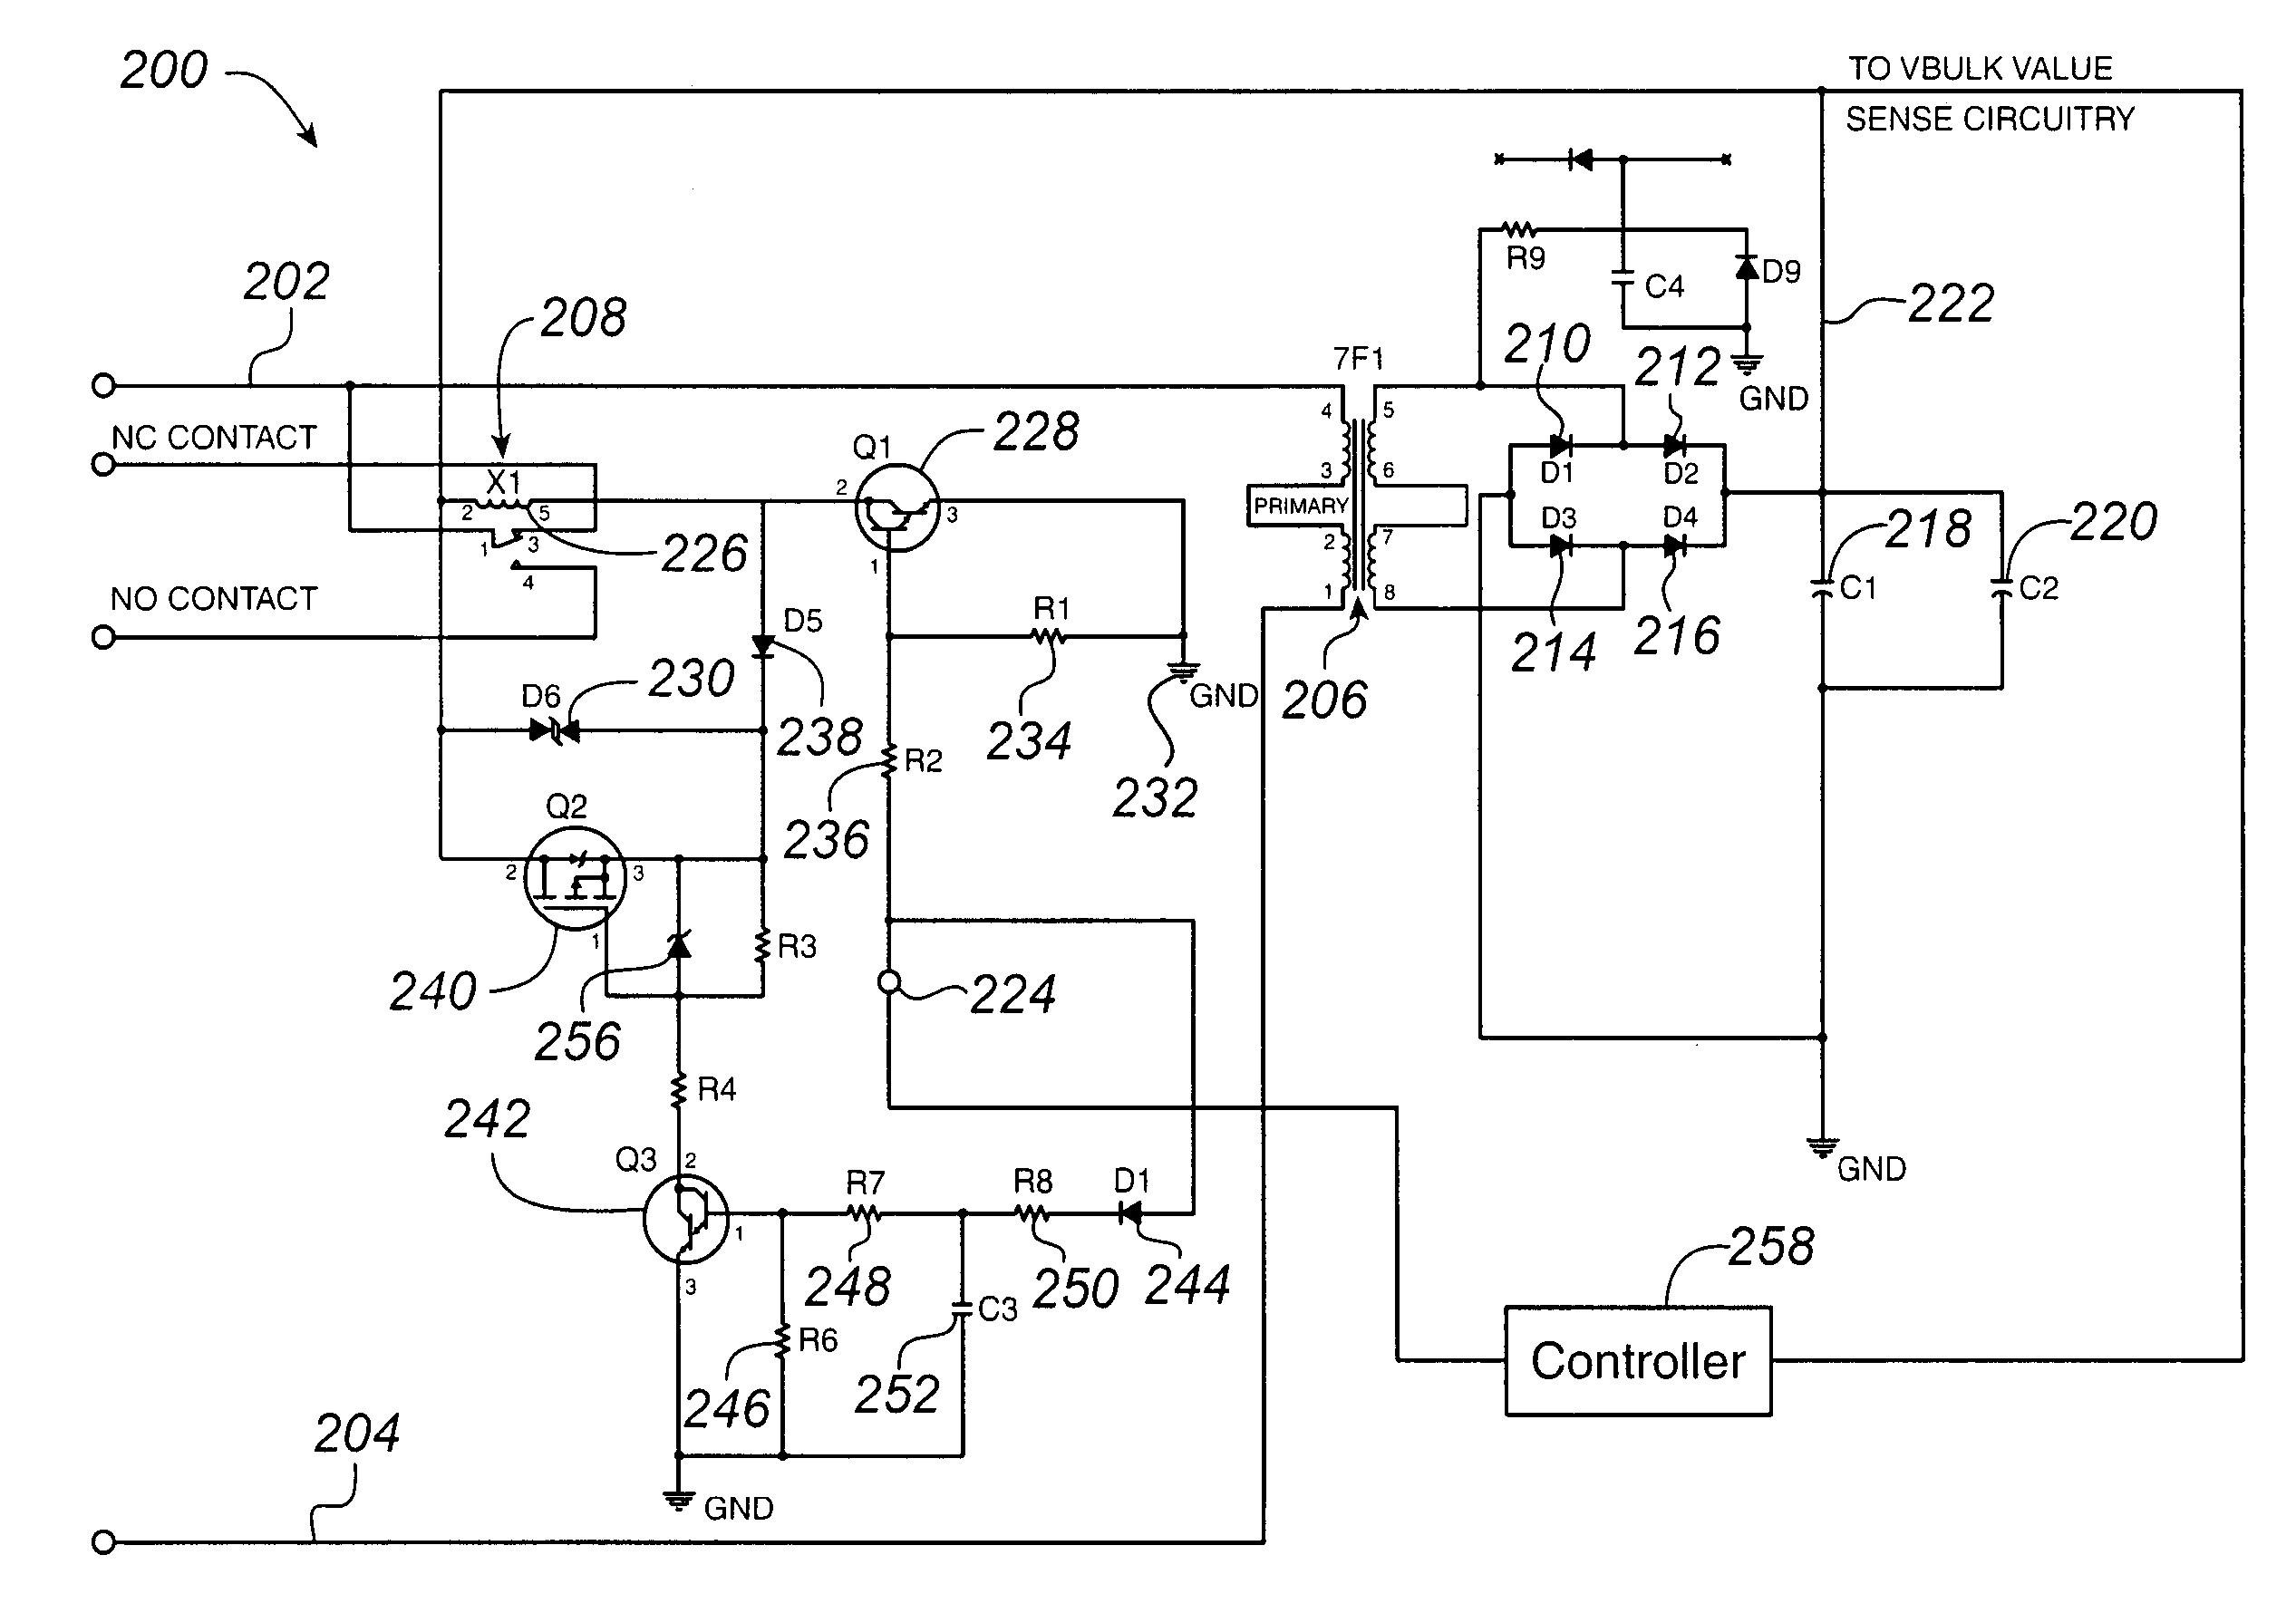 Walk In Freezer Wiring Diagram Wiring Diagram for A Walk In Freezer Of Walk In Freezer Wiring Diagram